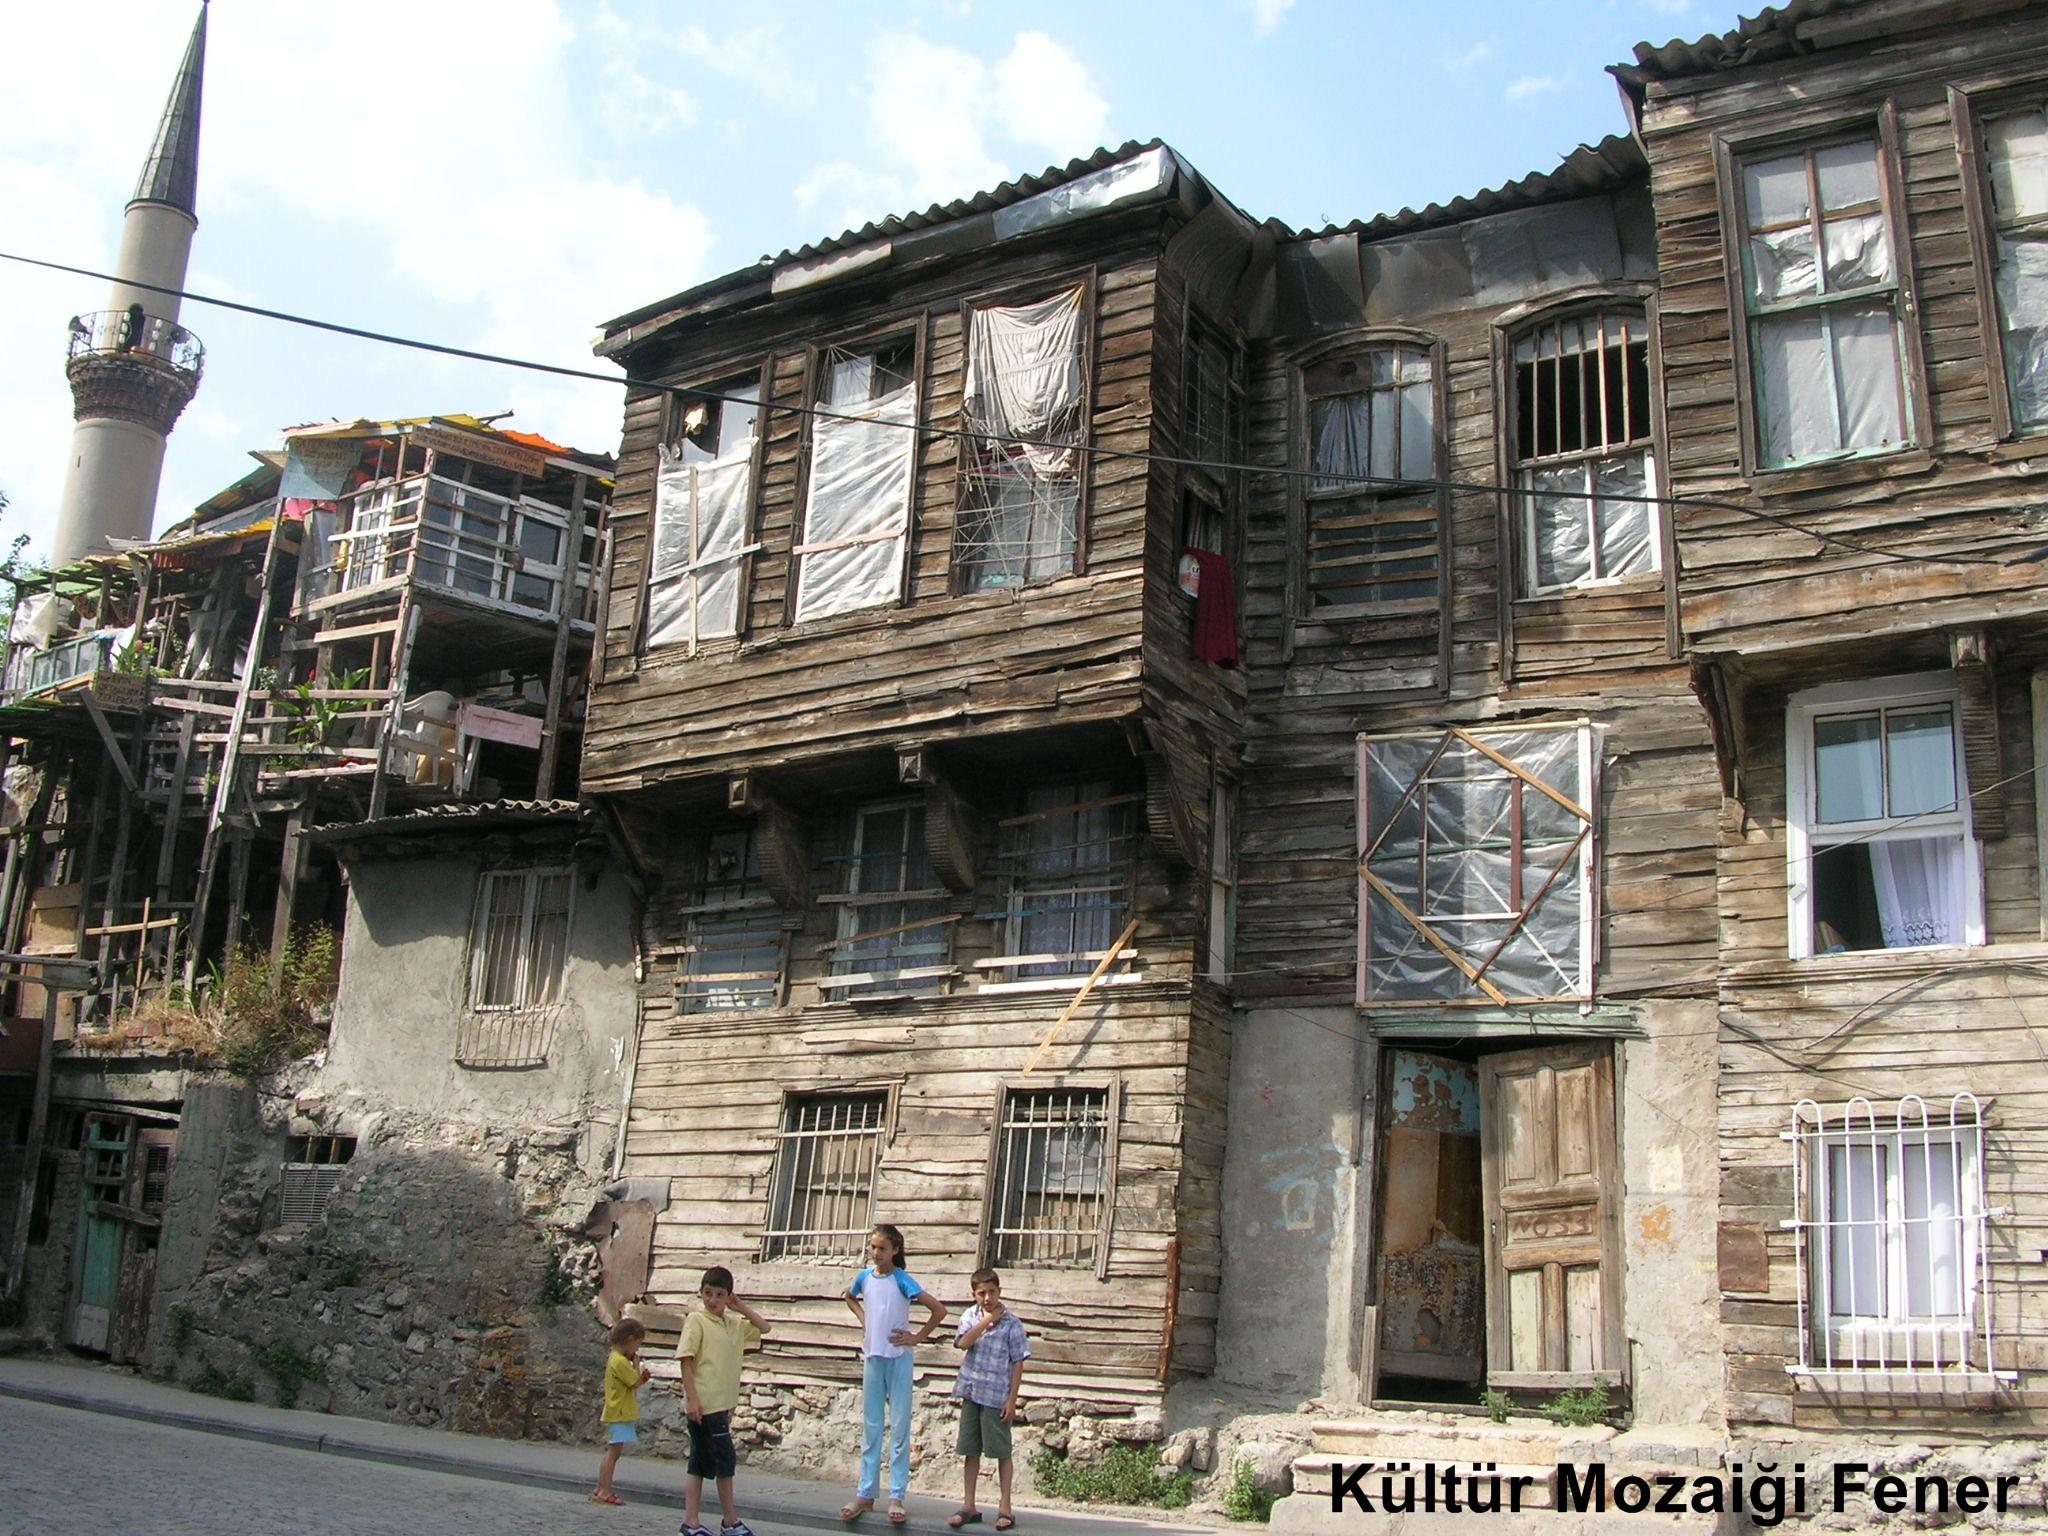 """BALAT'TA GEÇMİŞİN İZLERİ SAKLI İstanbul'un en eski semtlerinden biri olan Balat, Haliç'in güney kıyılarında Fener ve Ayvansaray arasında yer alır. Coğrafi konumu, tarihsel özellikleri, dermografik yapısı itibariyle Tarihi Yarımada içinde önemli bir yeri olan Balat, Bizans'tan günümüze kozmopolit kültürüyle dikkat çekicidir. Tarih boyunca ağırlıklı olaral Musevilerin, özellikle de """"Sefaradim"""" diye adlandırılan İspanyol Musevileri'nin yaşadığı bir merkez olarak bilinmekte. Musevilerin dışında Rumlar, Ermeniler ve Türkler de Balat'ta yaşadılar. Semtte yaşayan bu dört ayrı grubun dinsel ve kültürel izleri Bizans, Osmanlı ve Cumhuriyet dönemlerinin küçük birer örneği olarak karşımıza çıkıyor."""